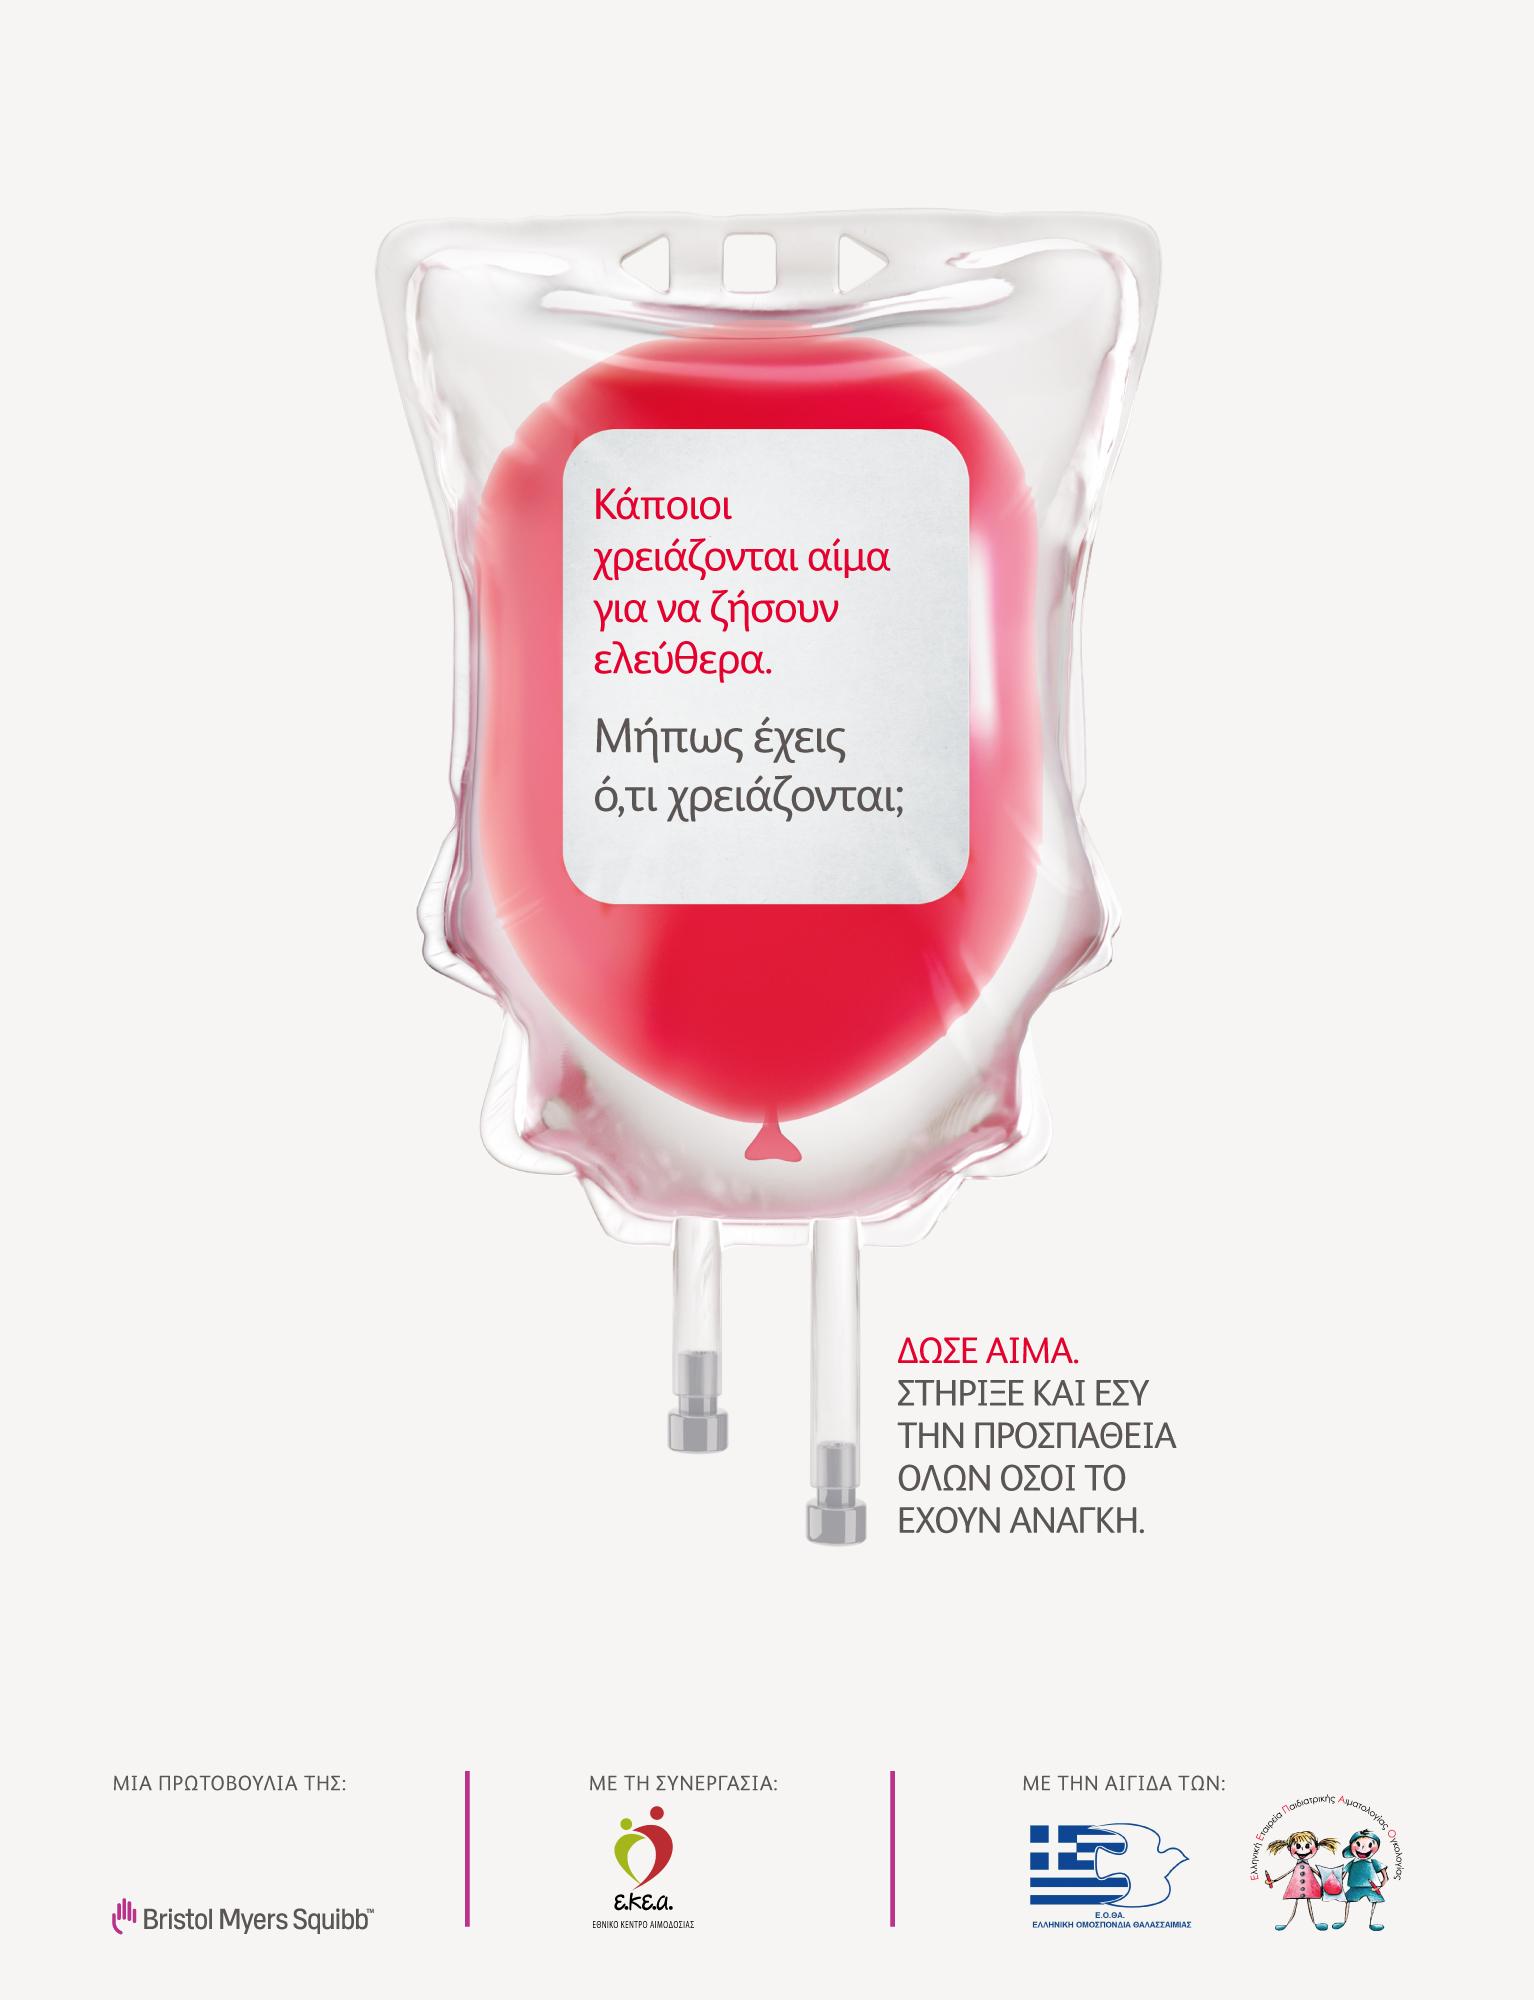 «Κάποιοι χρειάζονται αίμα. Μήπως έχεις ό,τι χρειάζονται;»